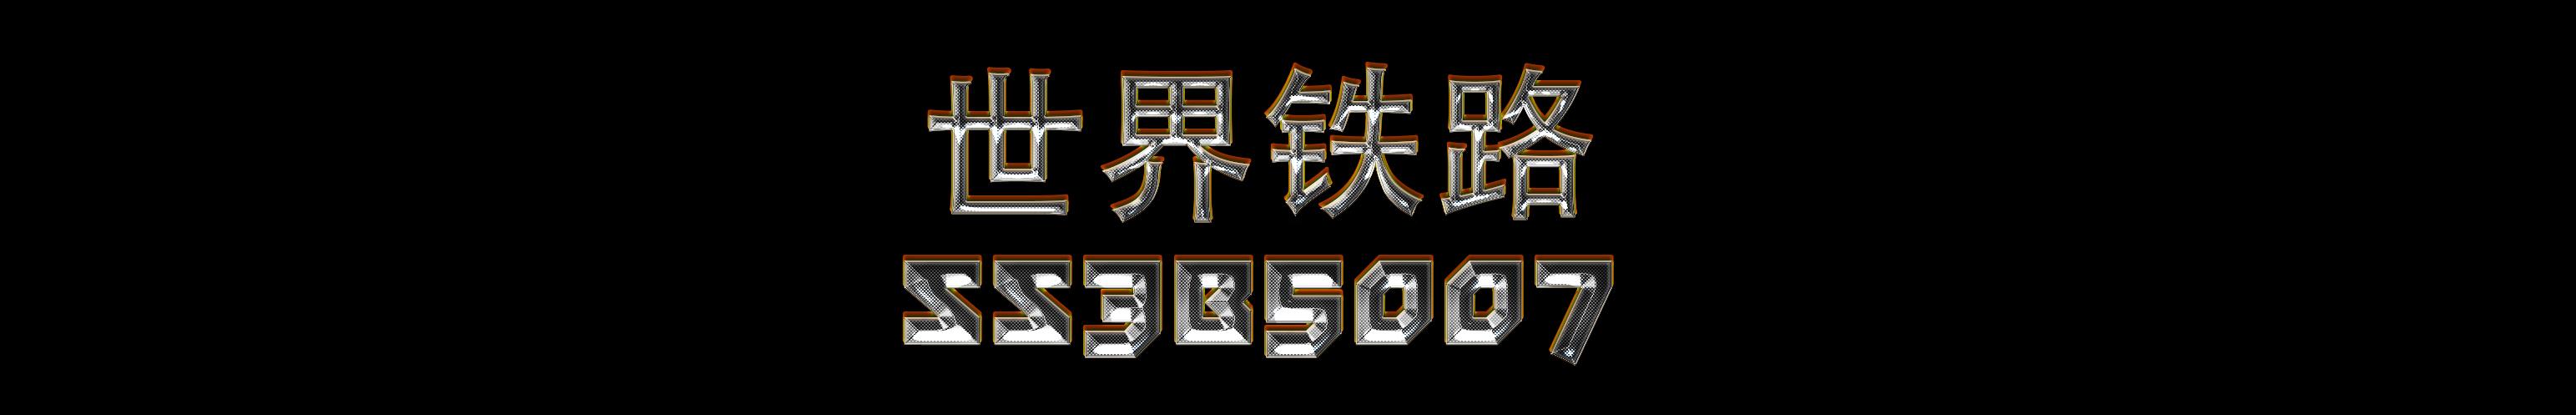 SS3B5007 banner